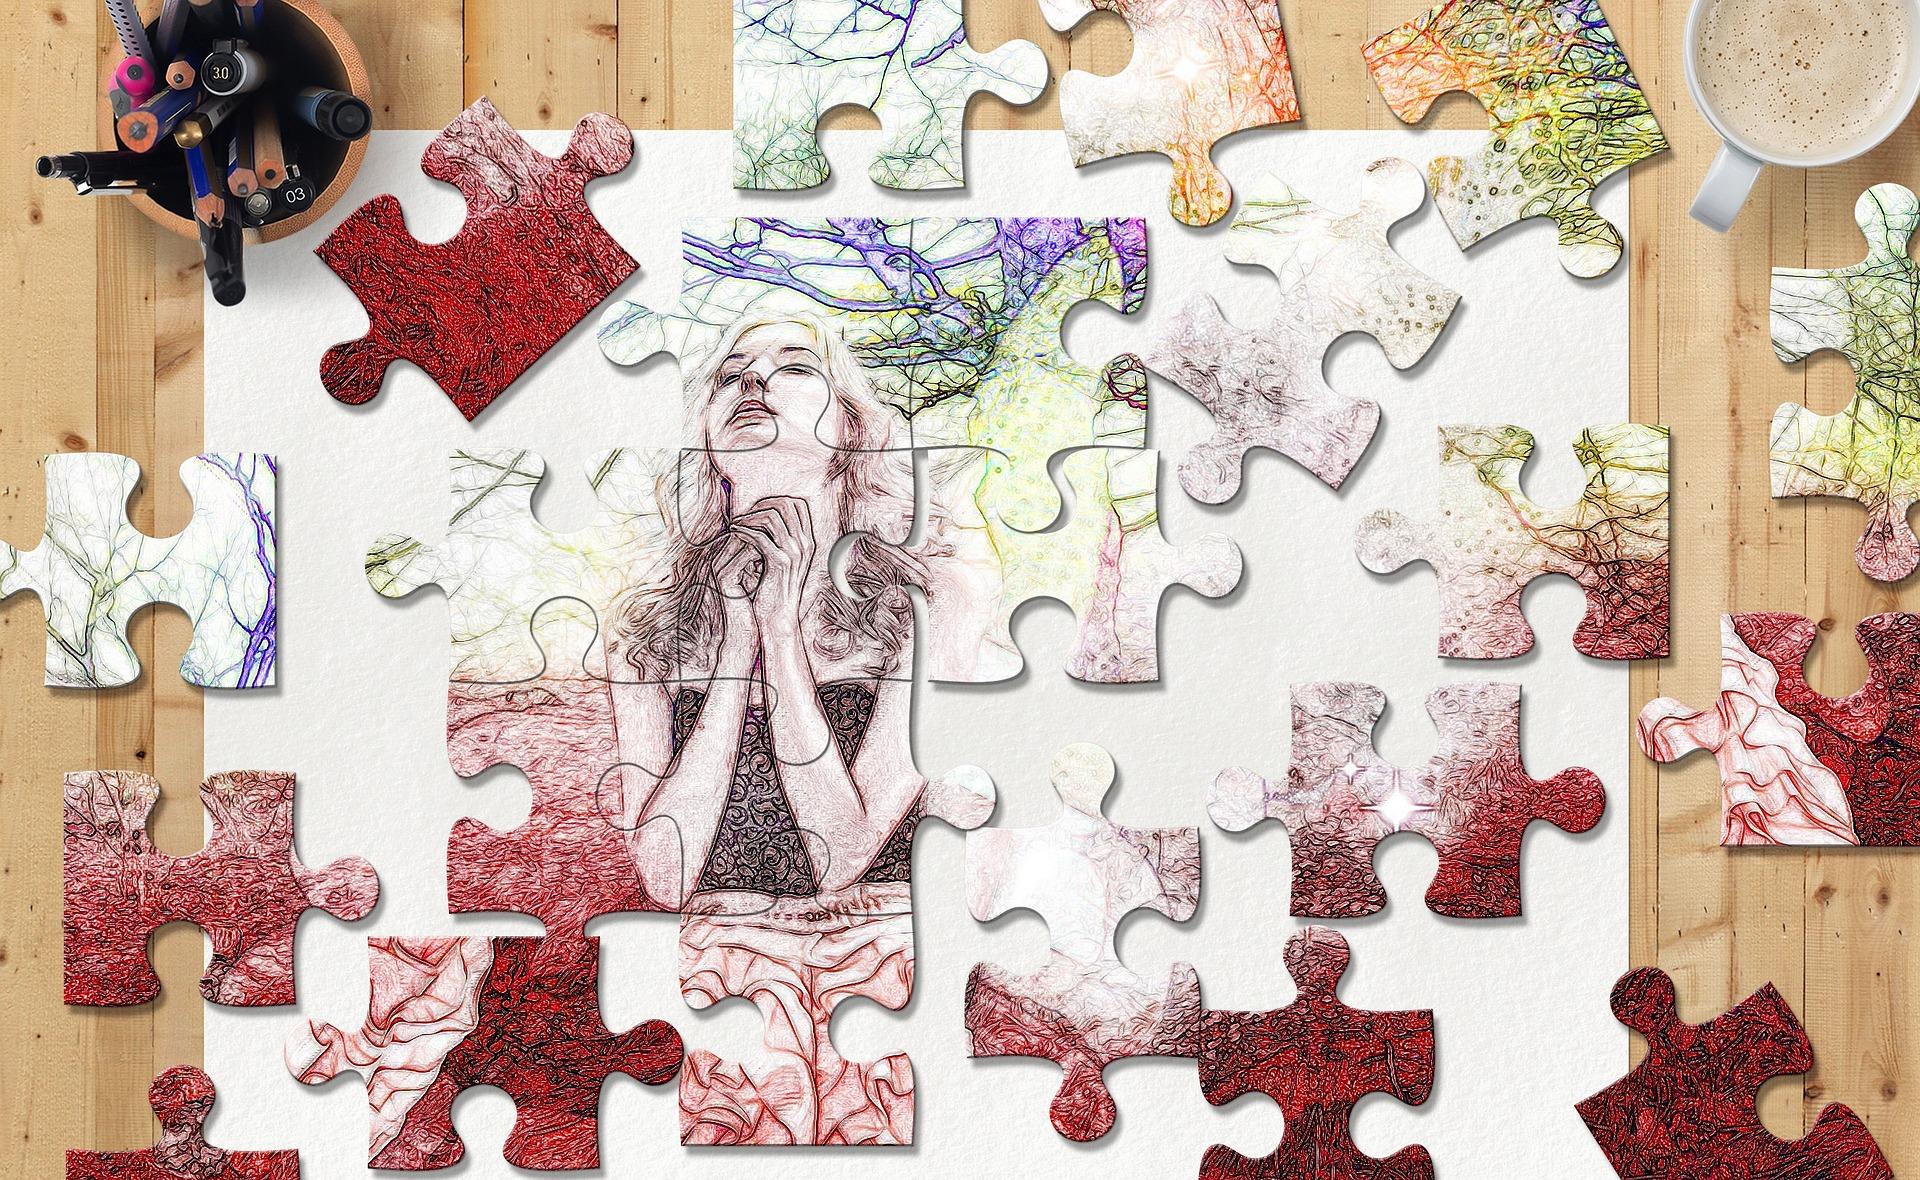 puzzle-1415247_1920.jpg